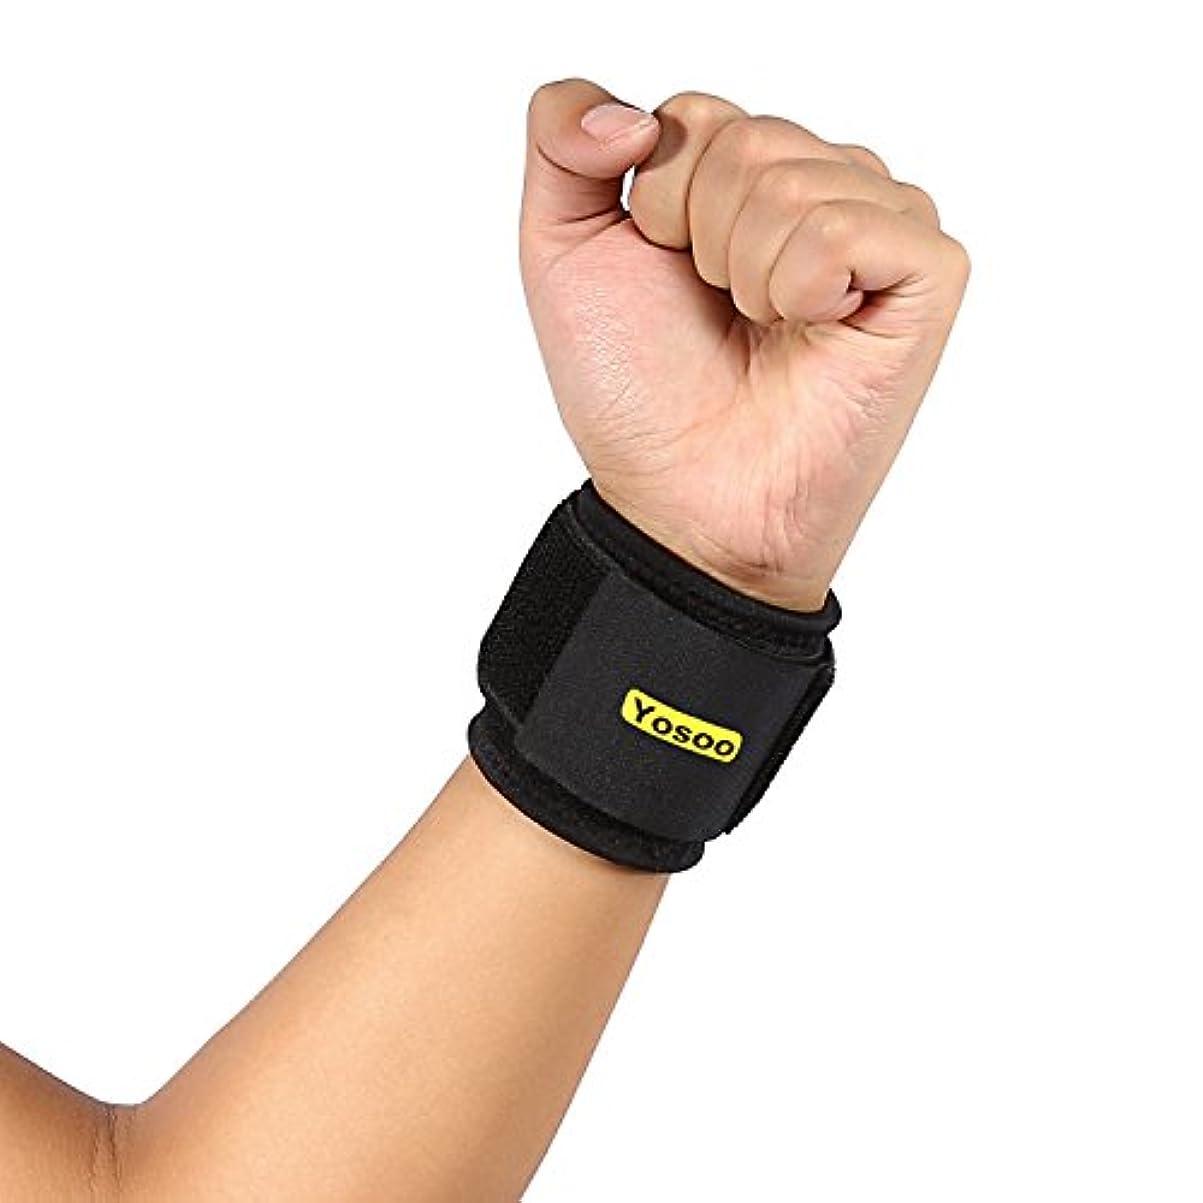 有用ダニ機動手首サポーター/ブレース ネオプレン シリコン スポーツ用 抗菌 左右兼用 男女兼用 調節可 手首の痛みを軽減 通気性